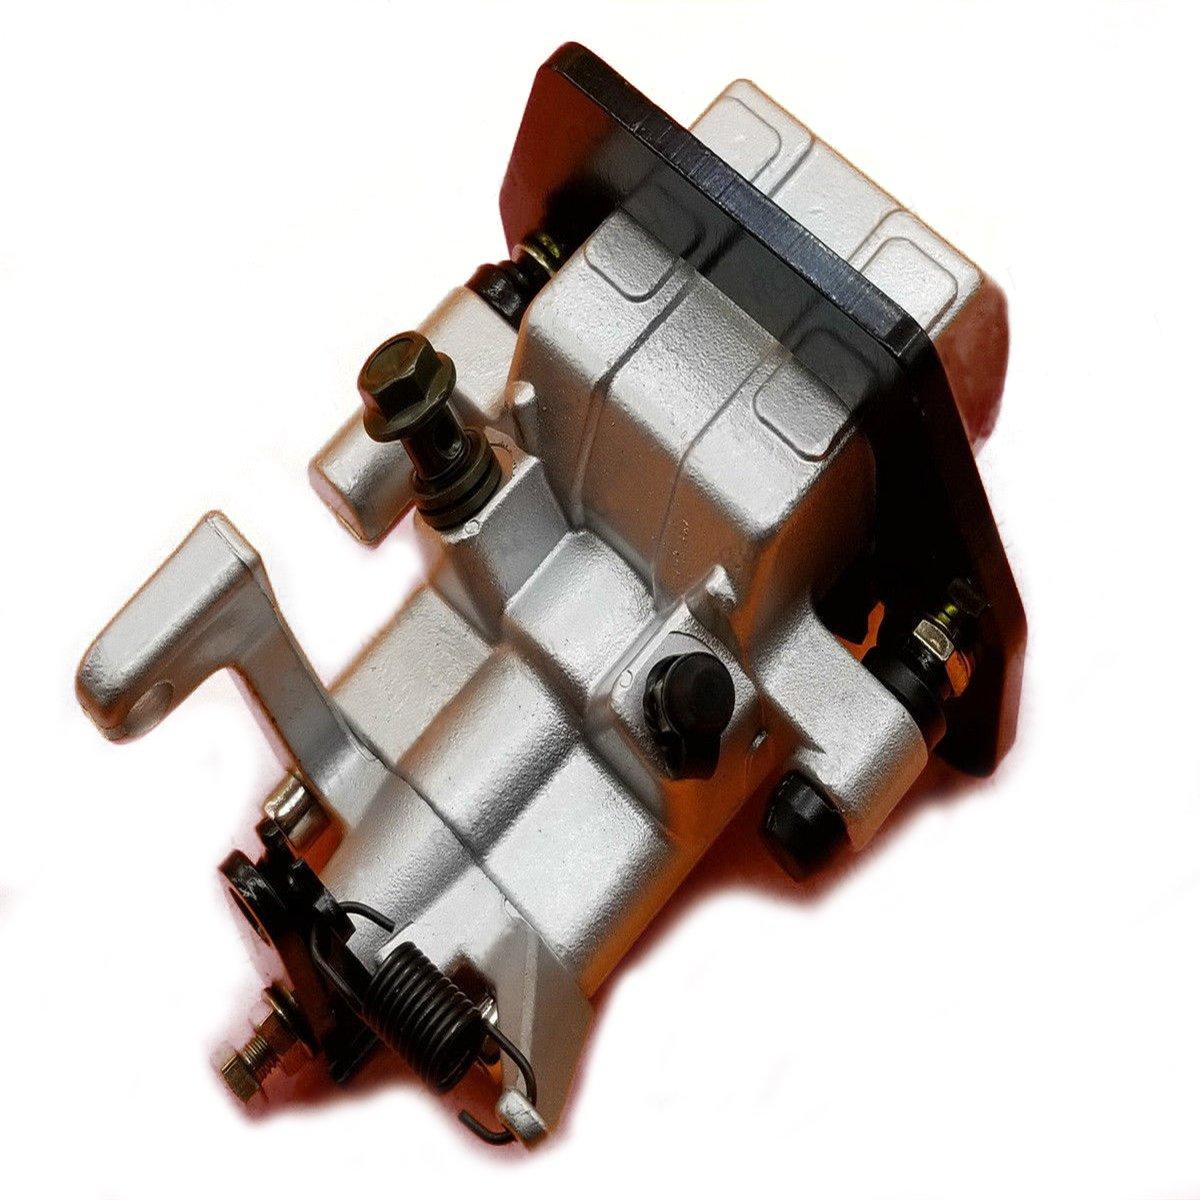 Triumilynn Rear Brake Caliper with Pads for Yamaha Rhino 660 450 YXR45 2006-2009